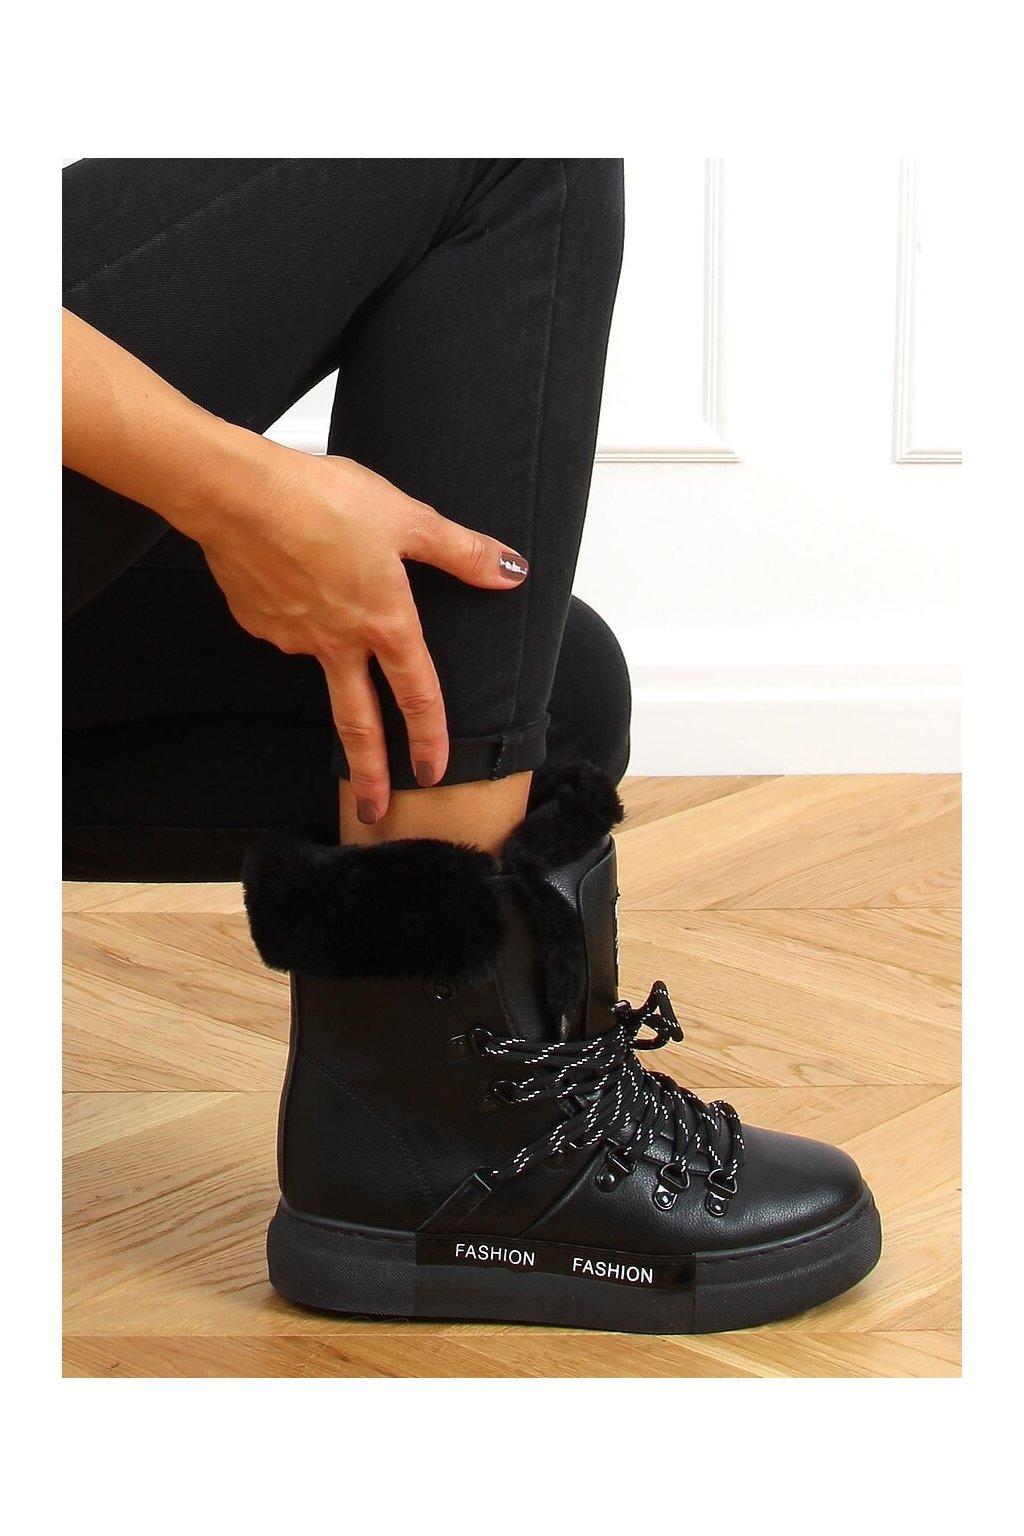 Dámske topánky na zimu čierne 2C9XX835-5